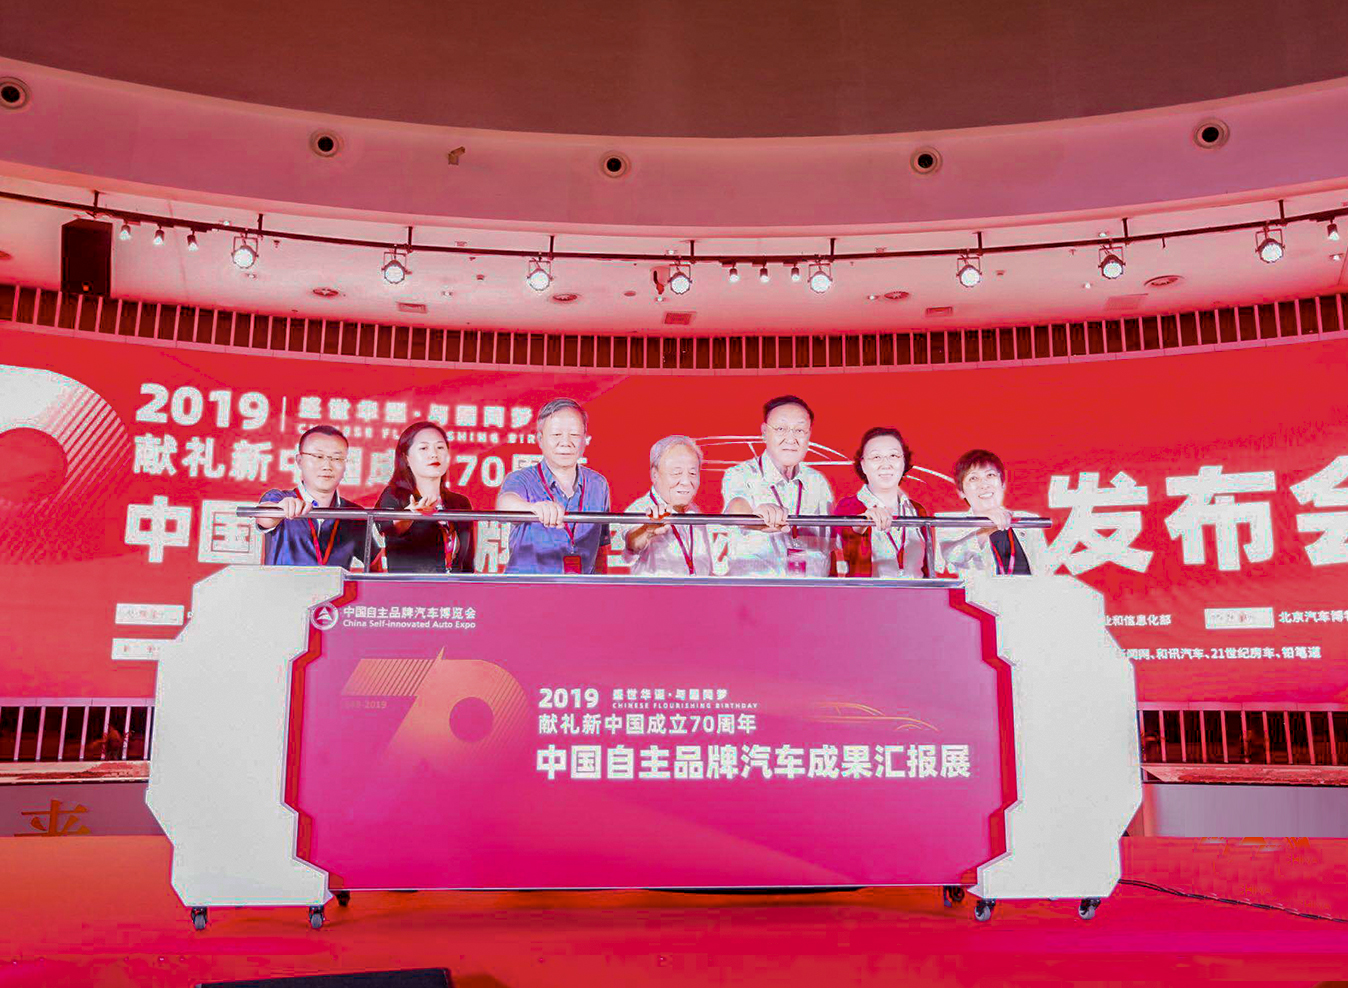 车价查询:献礼建国70周年 自主品牌汽车汇报展9月开幕